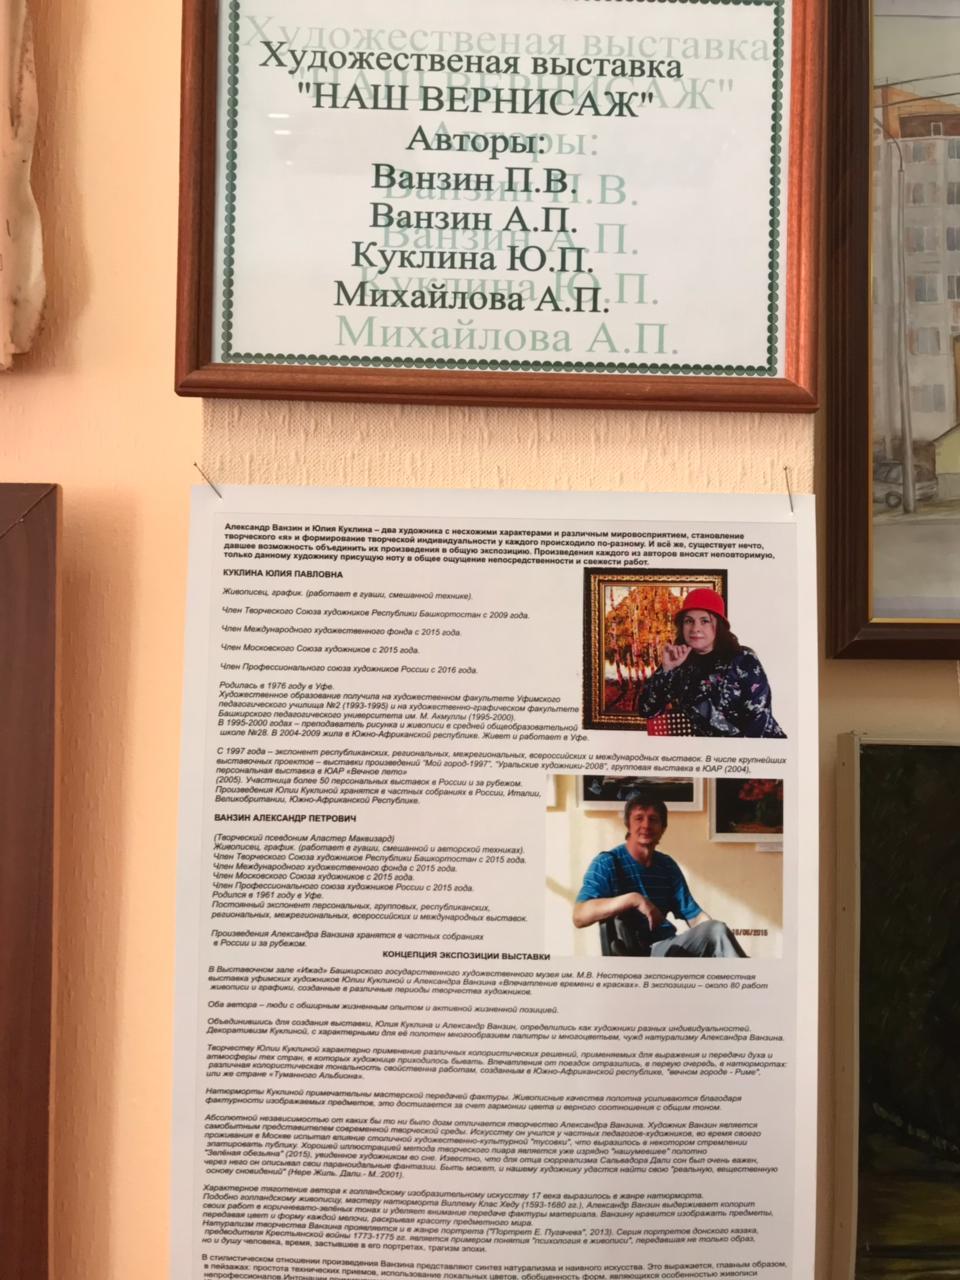 Открытие выставки «Наш вернисаж» 11 мая в городской библиотеке №10 г. Уфы